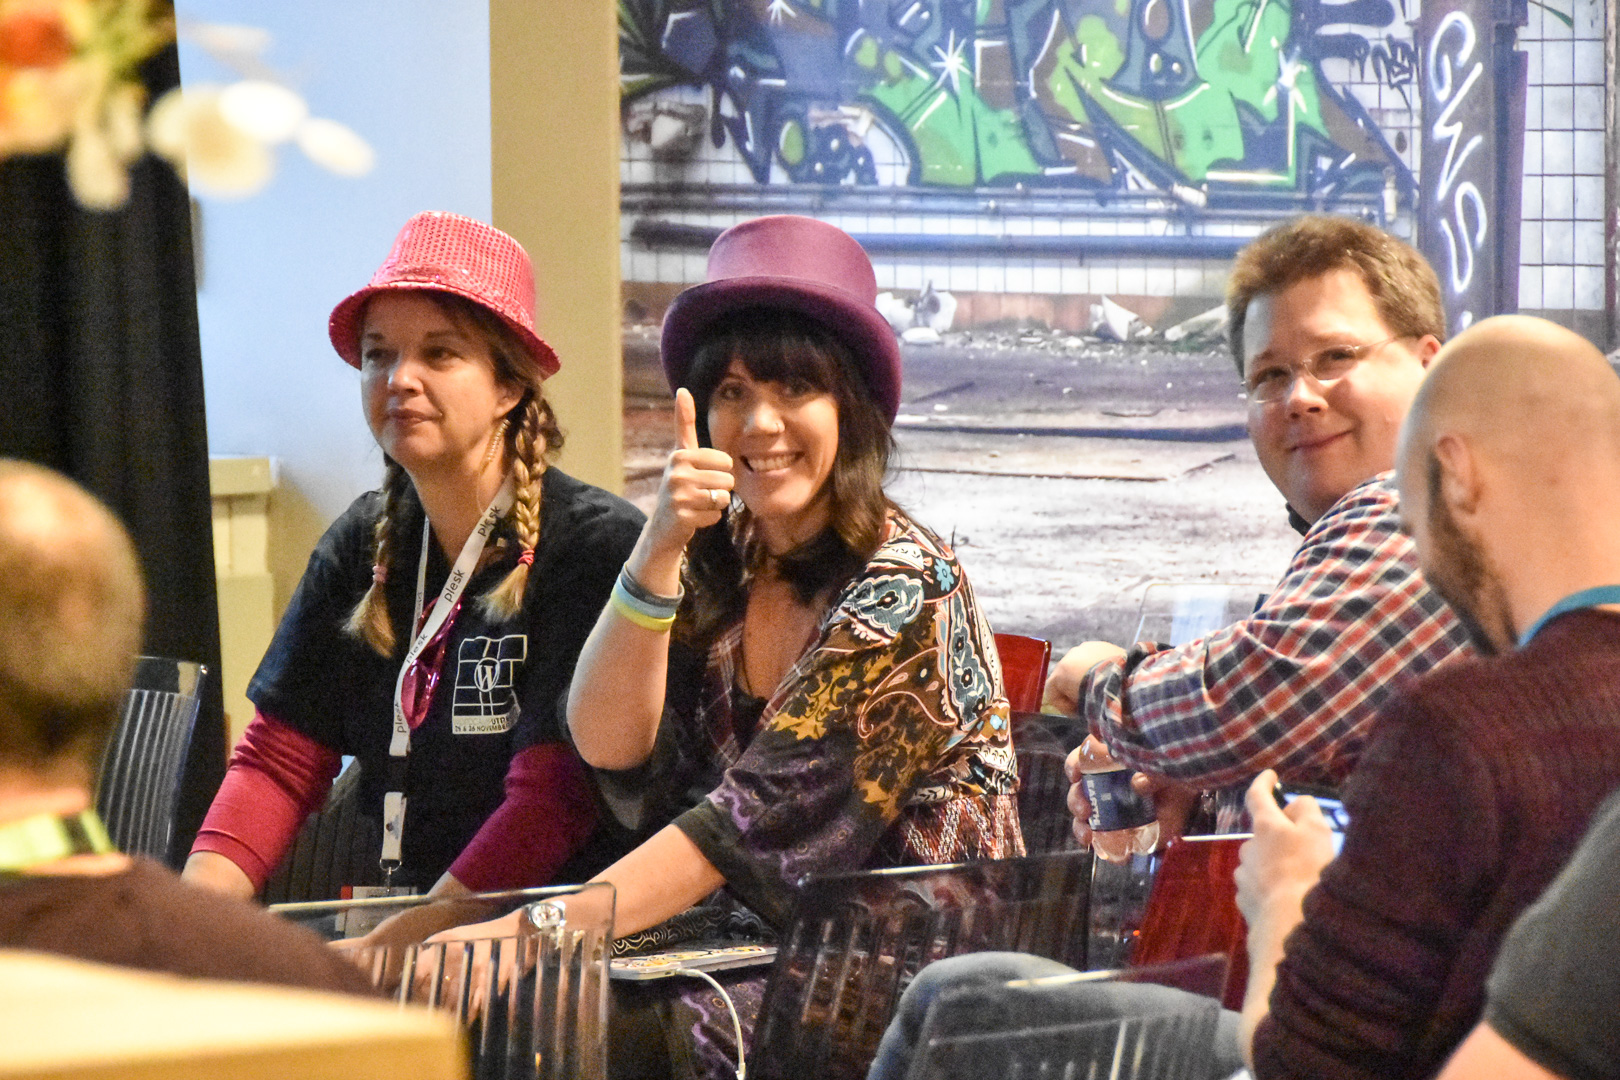 WordCamp Utrecht, Yvette Sonneveld, Carole Olinger and Thomas Brühl